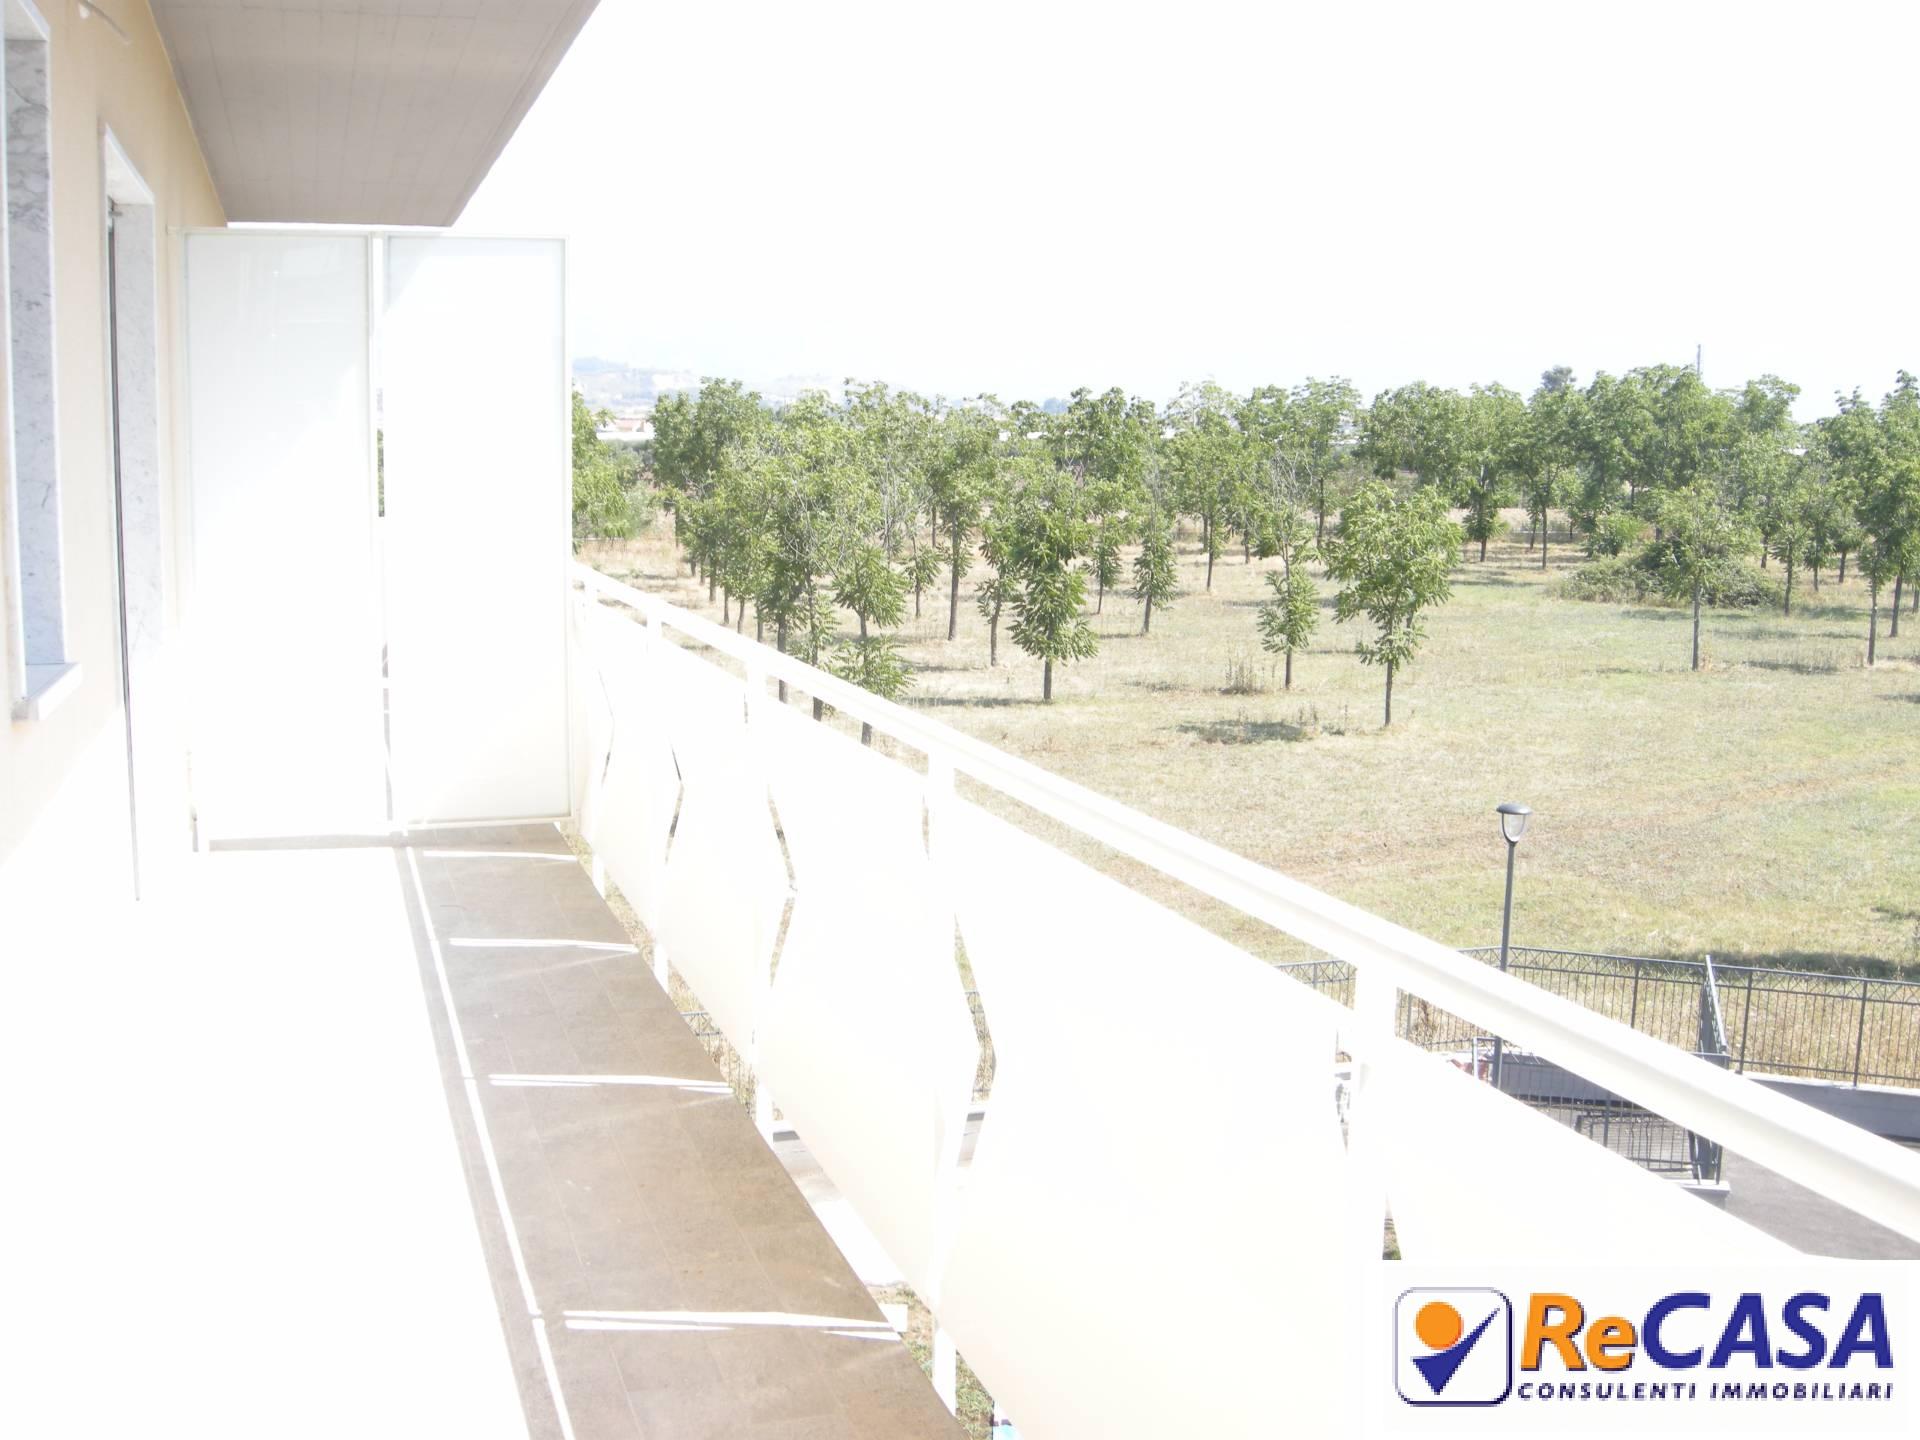 Appartamento in vendita a Montecorvino Pugliano, 2 locali, zona Località: BivioPratole, prezzo € 99.000 | Cambio Casa.it